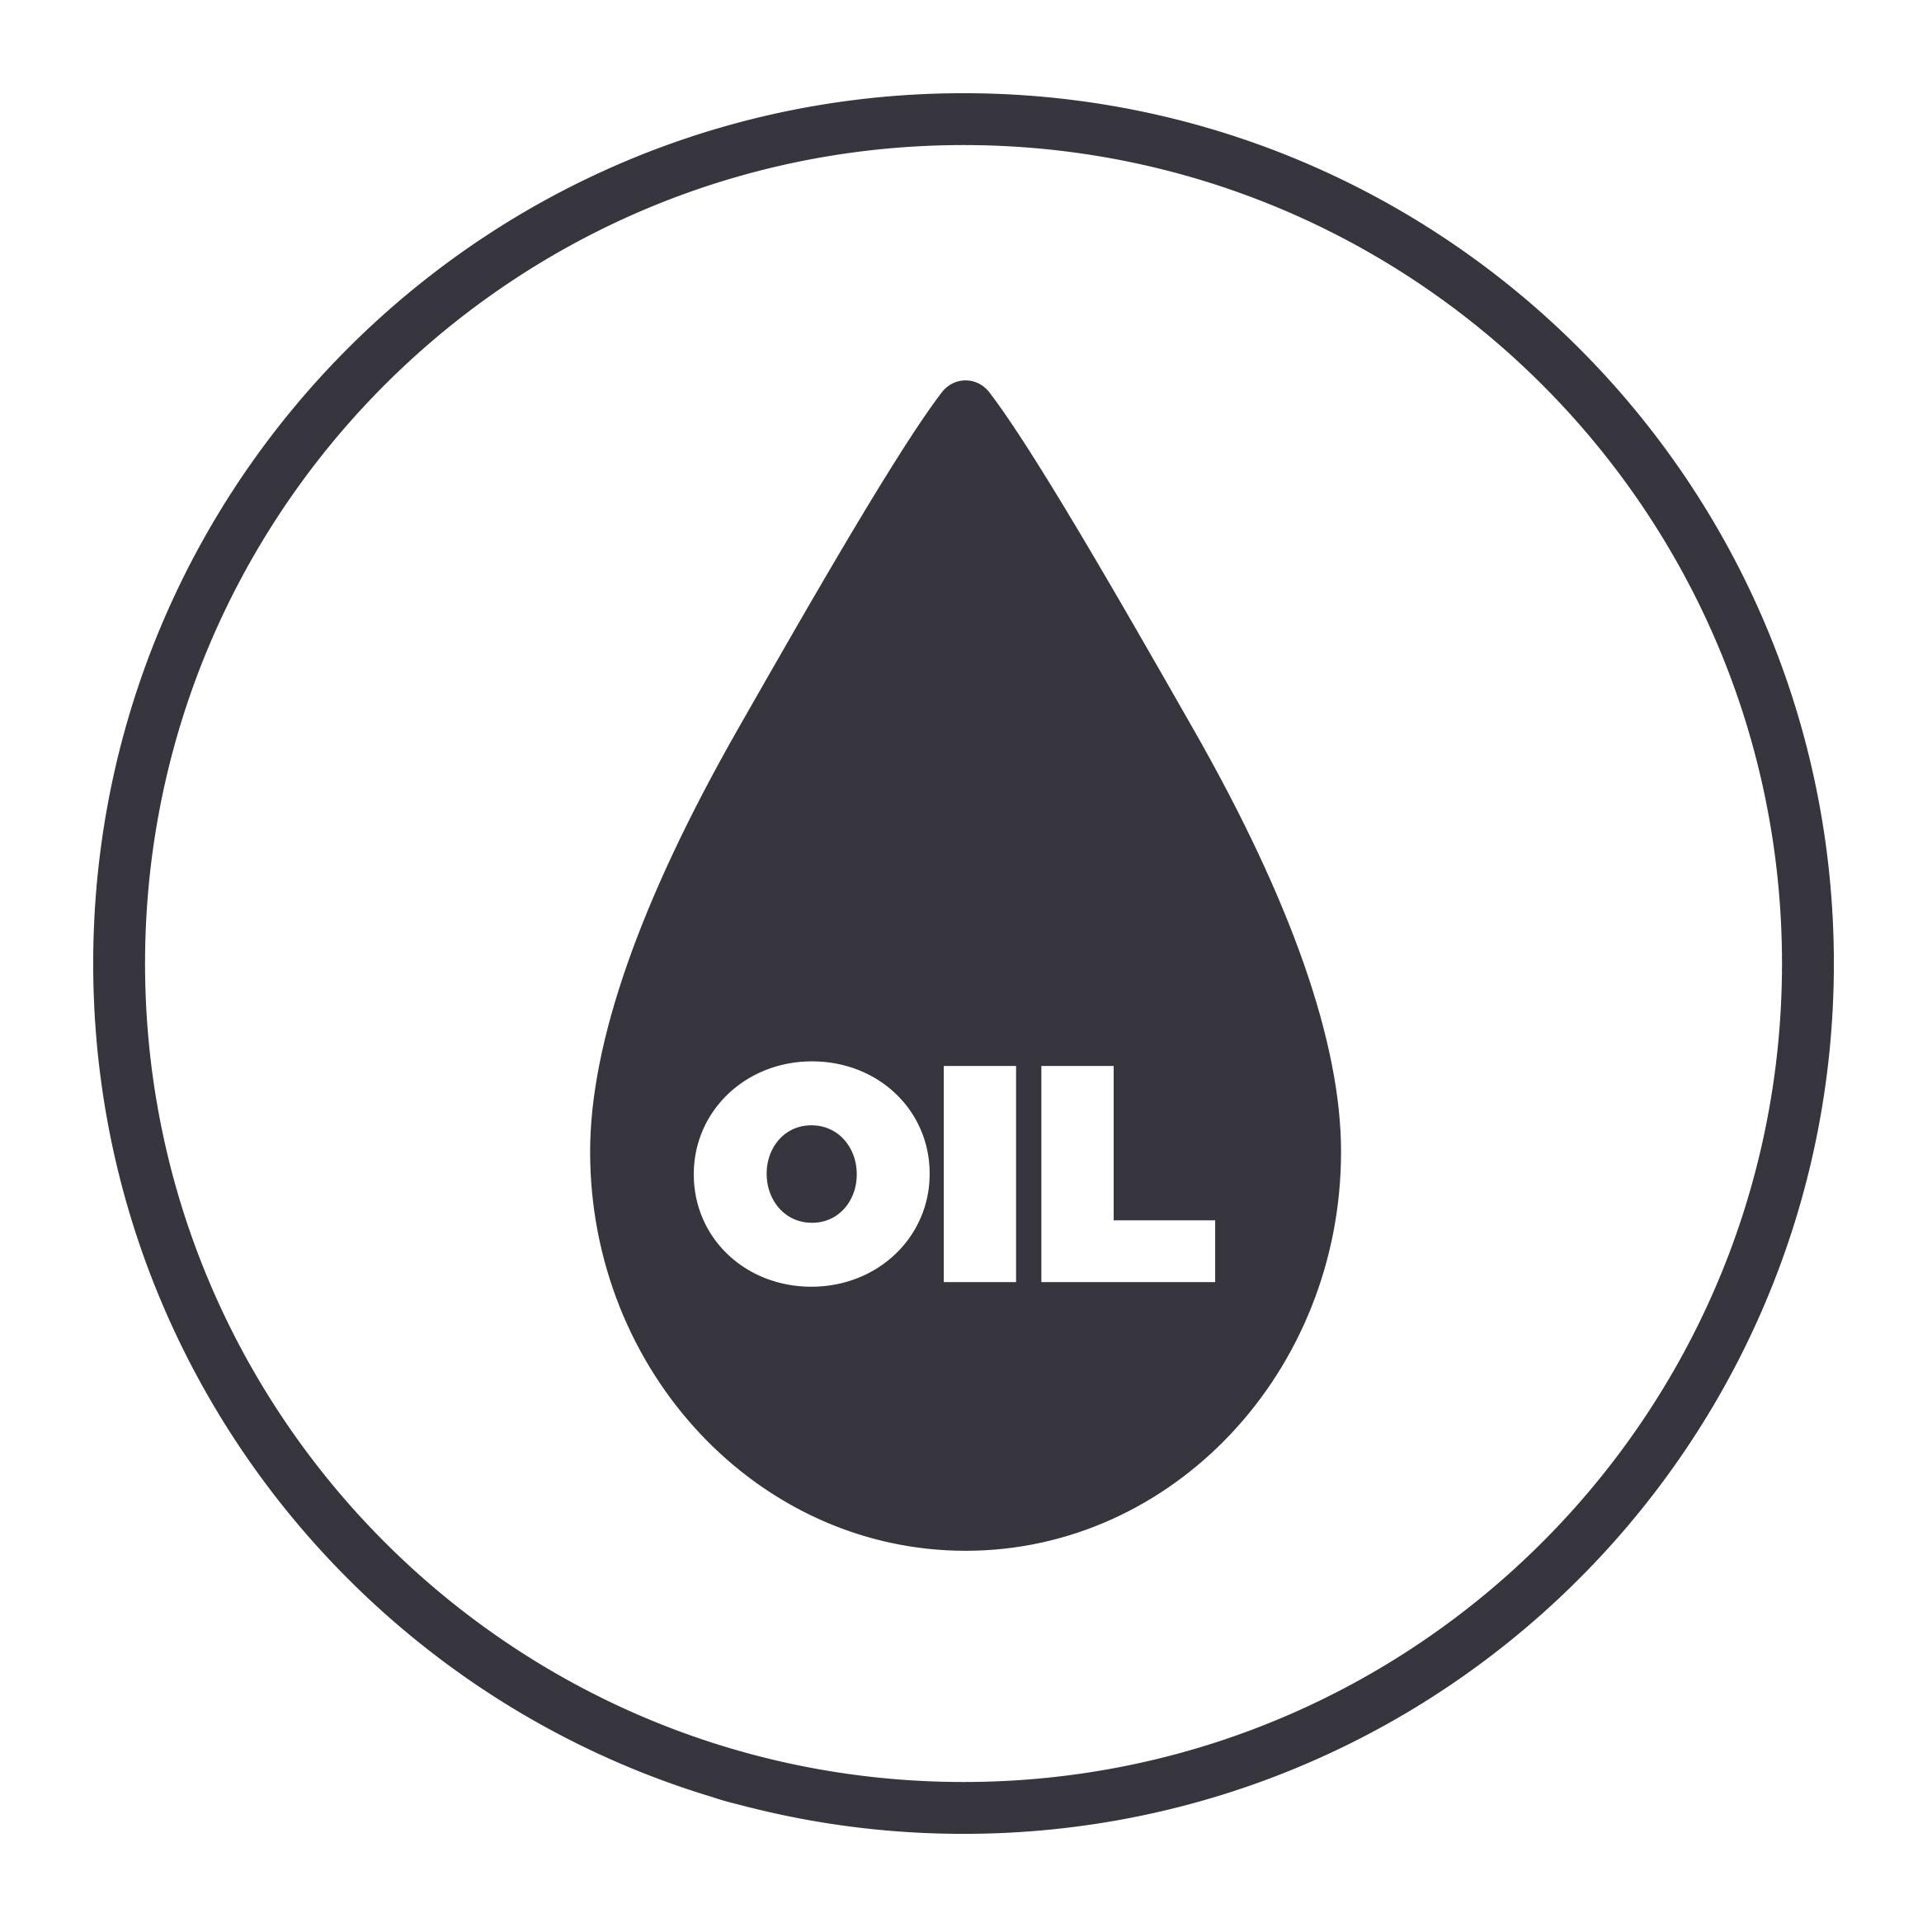 OIL<br>EQUIPMENT